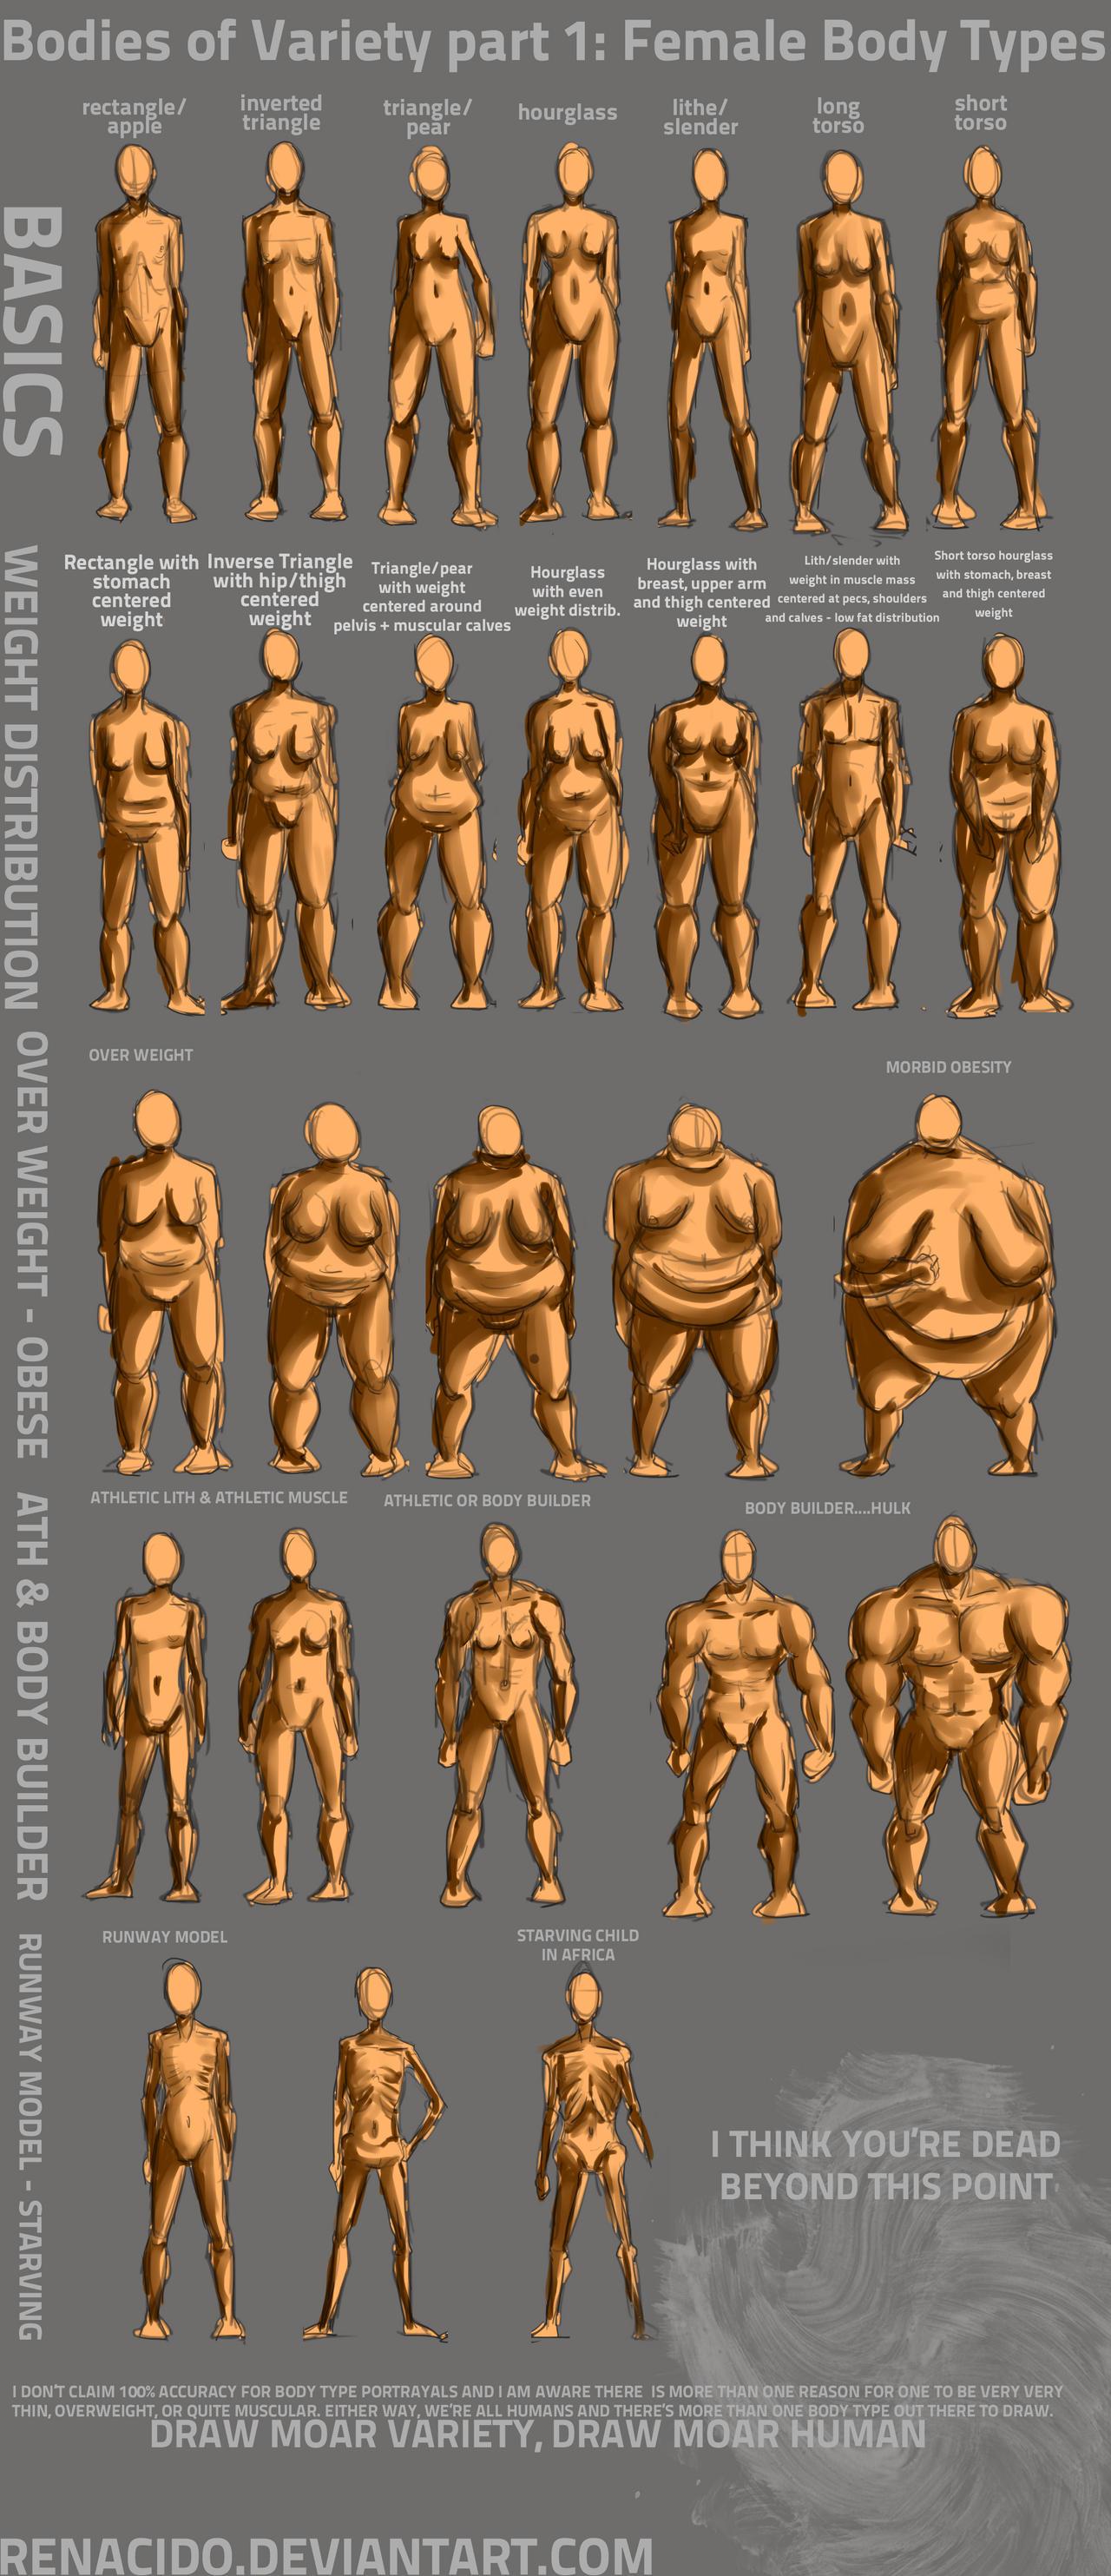 Bodies of Variety pt 1: Female body types by Spelledeg on DeviantArt